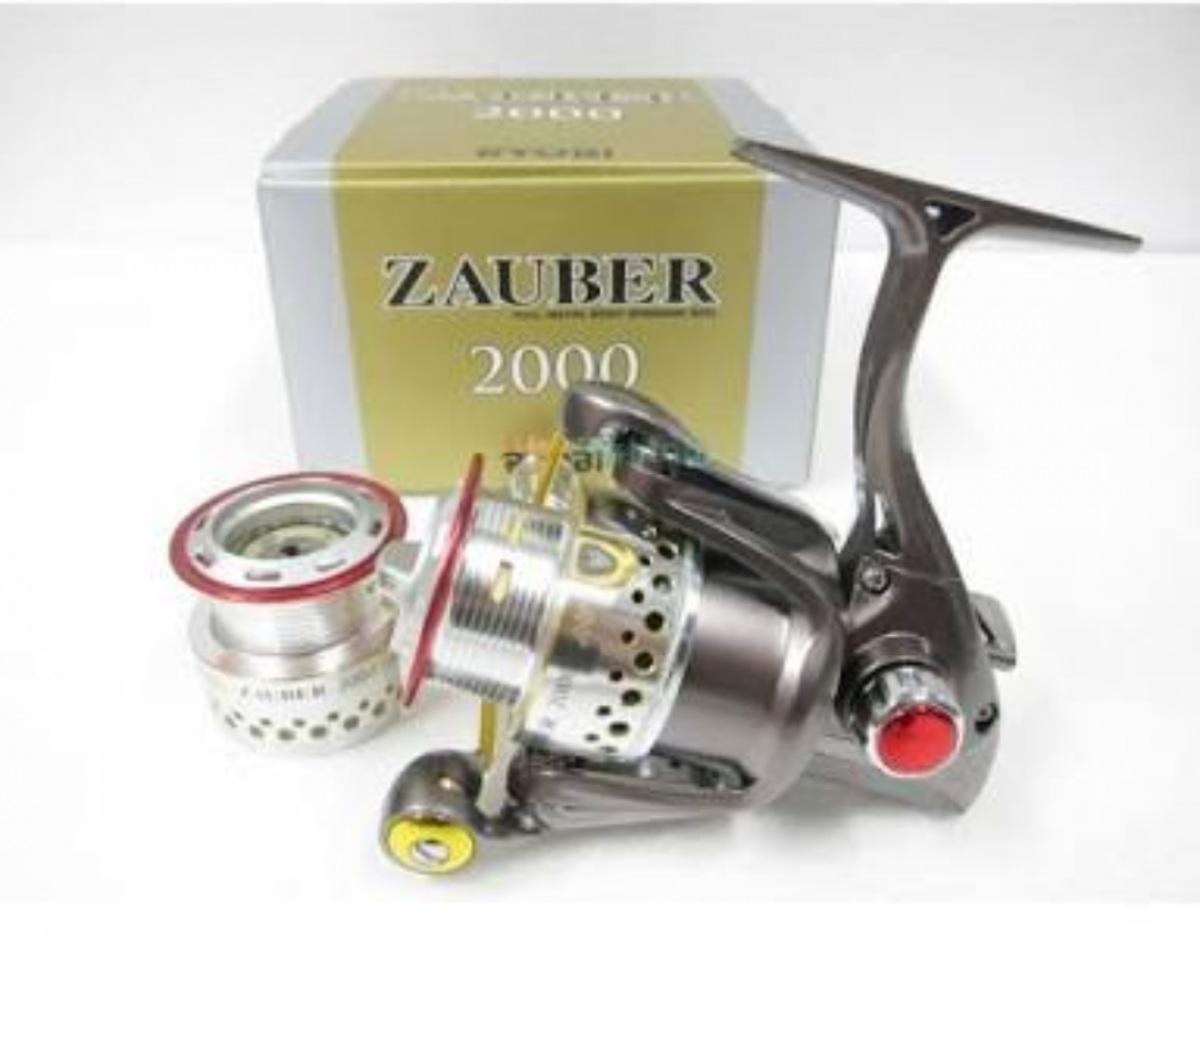 ตามหา เฟือง Ryobi Zauber 2000